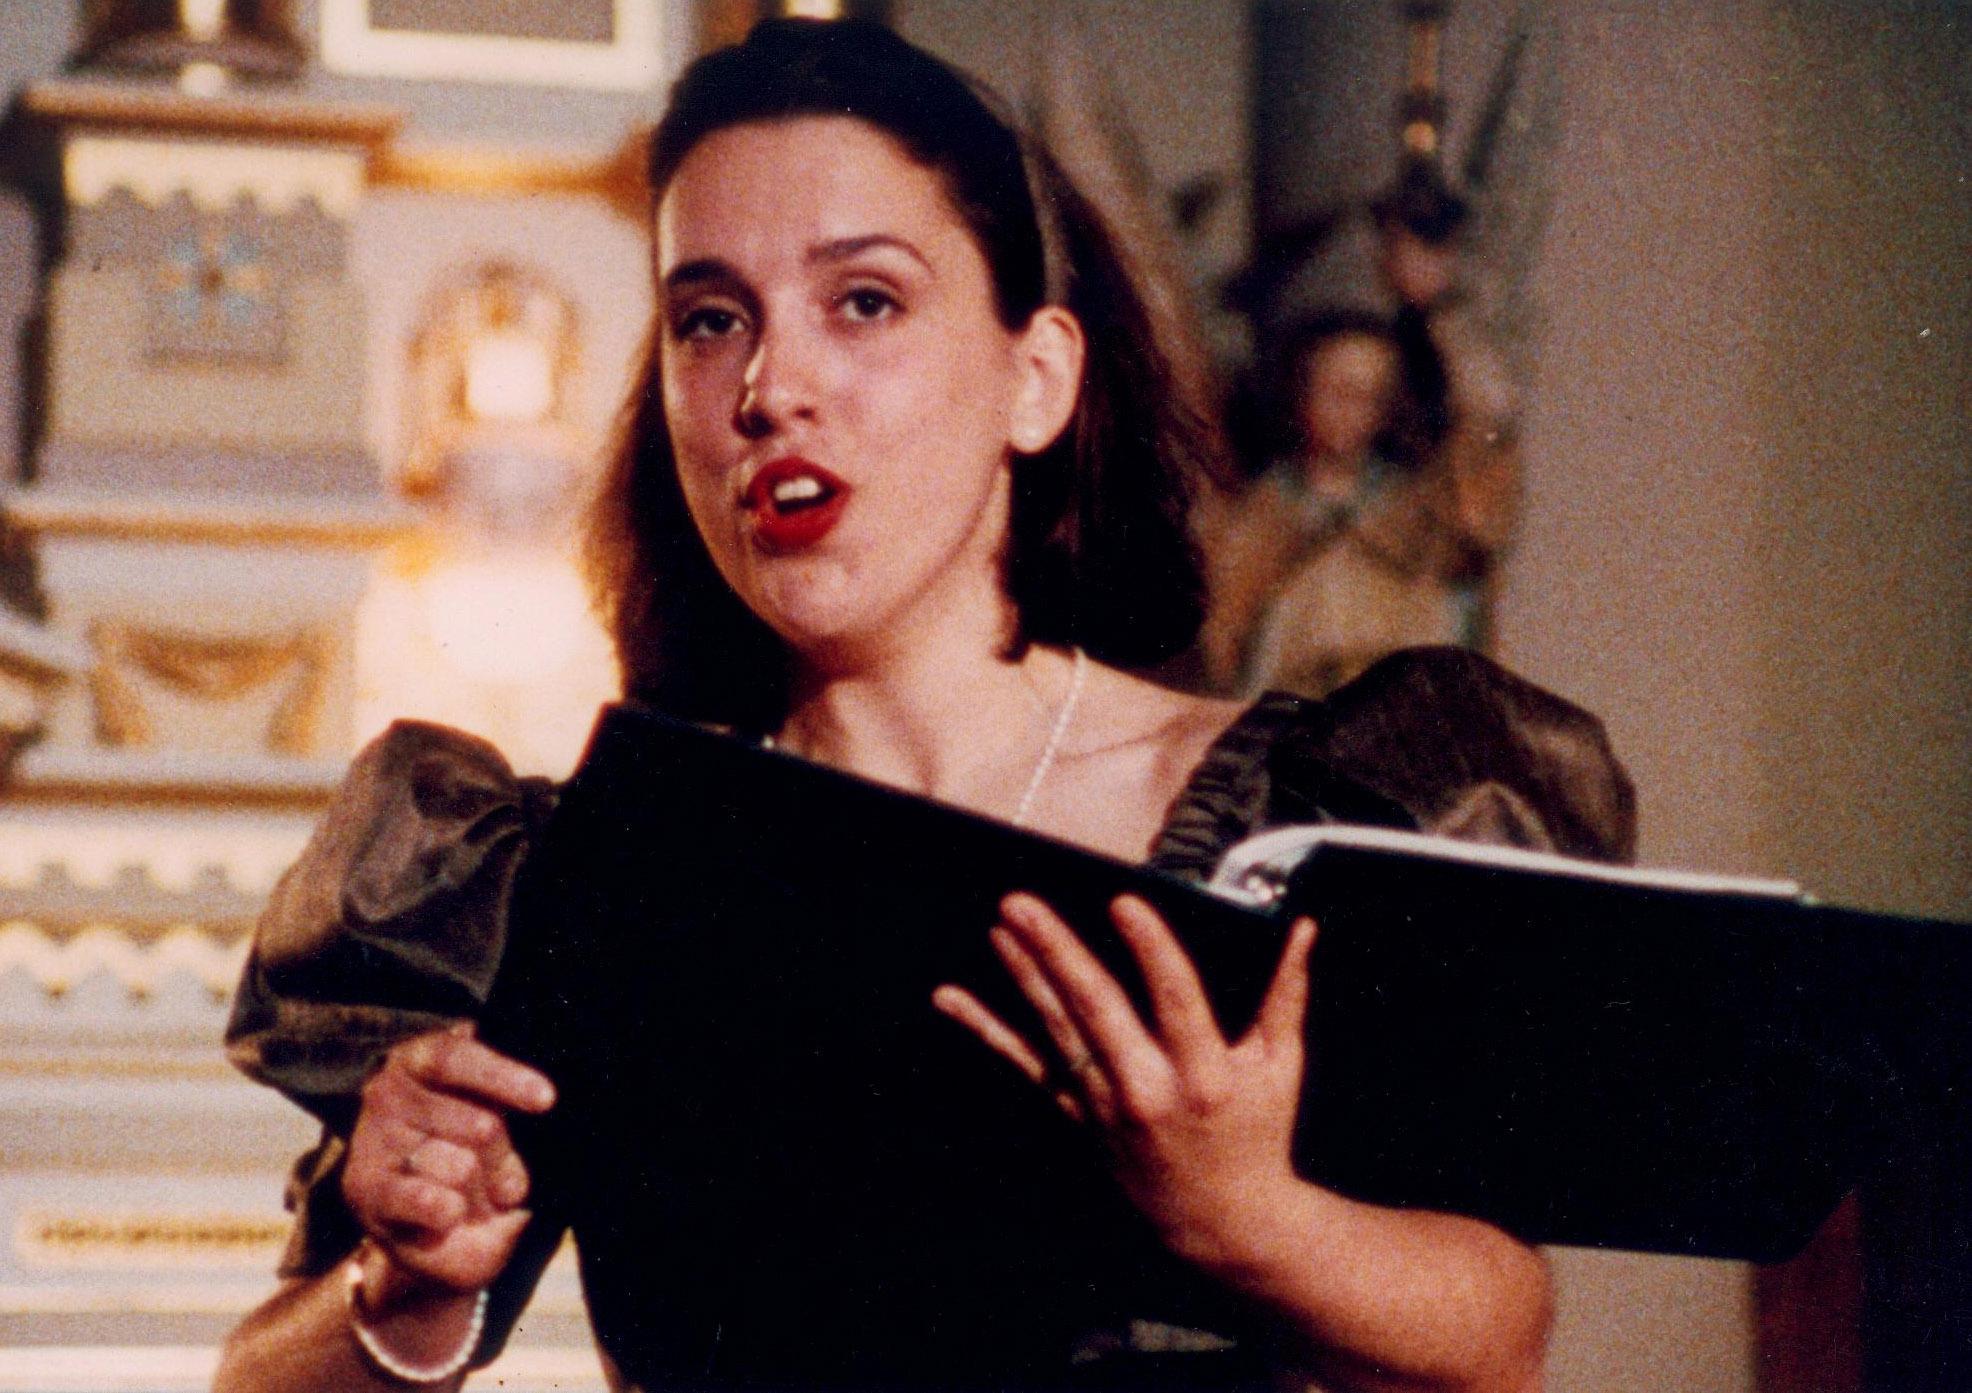 Guylaine Girard dans Paysage sous les paupières, un film de Lucie Lambert